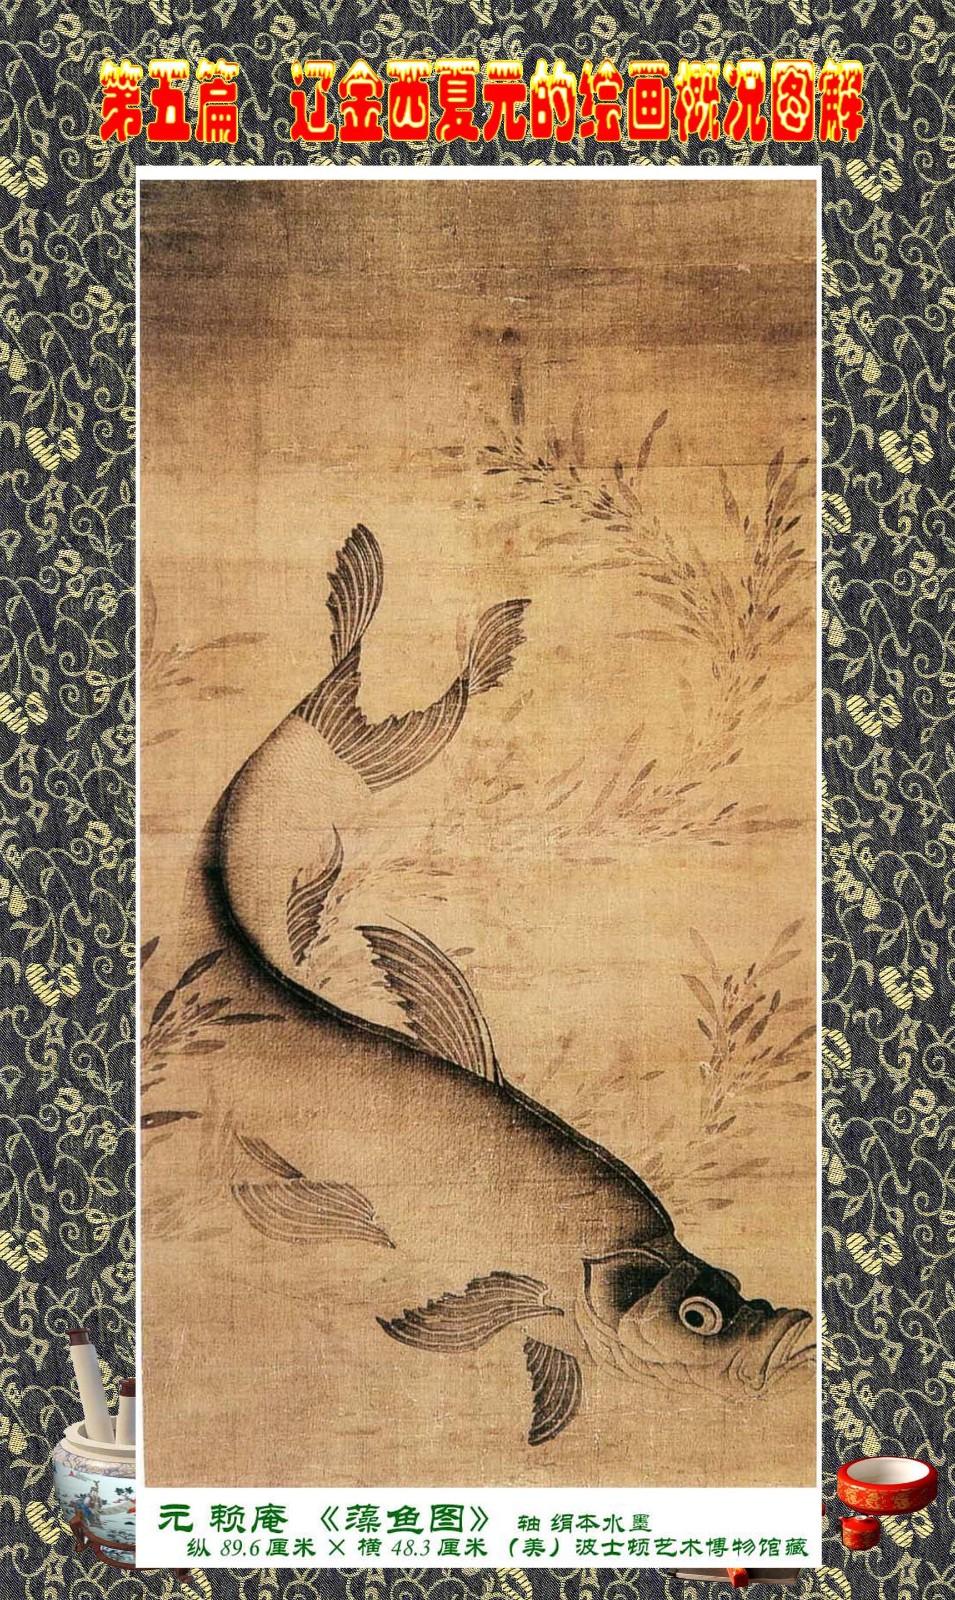 顾绍骅编辑 中国画知识普及版 第五篇 辽金西夏元的绘画概况 下 ... ..._图1-78